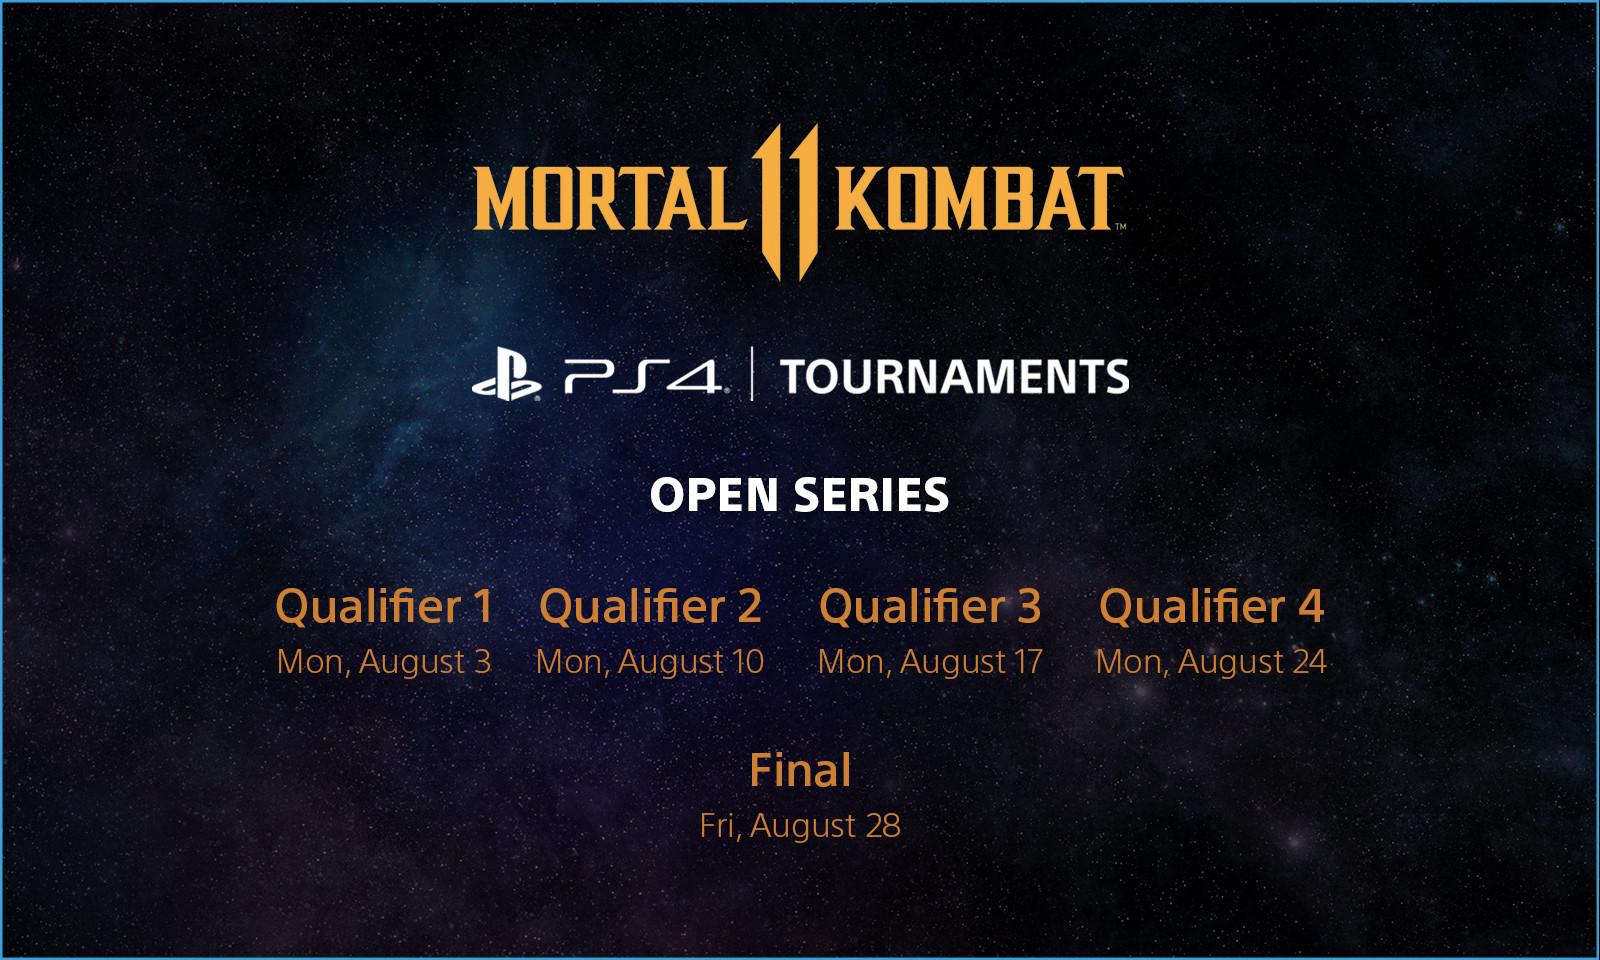 MK11 Open Series Schedule